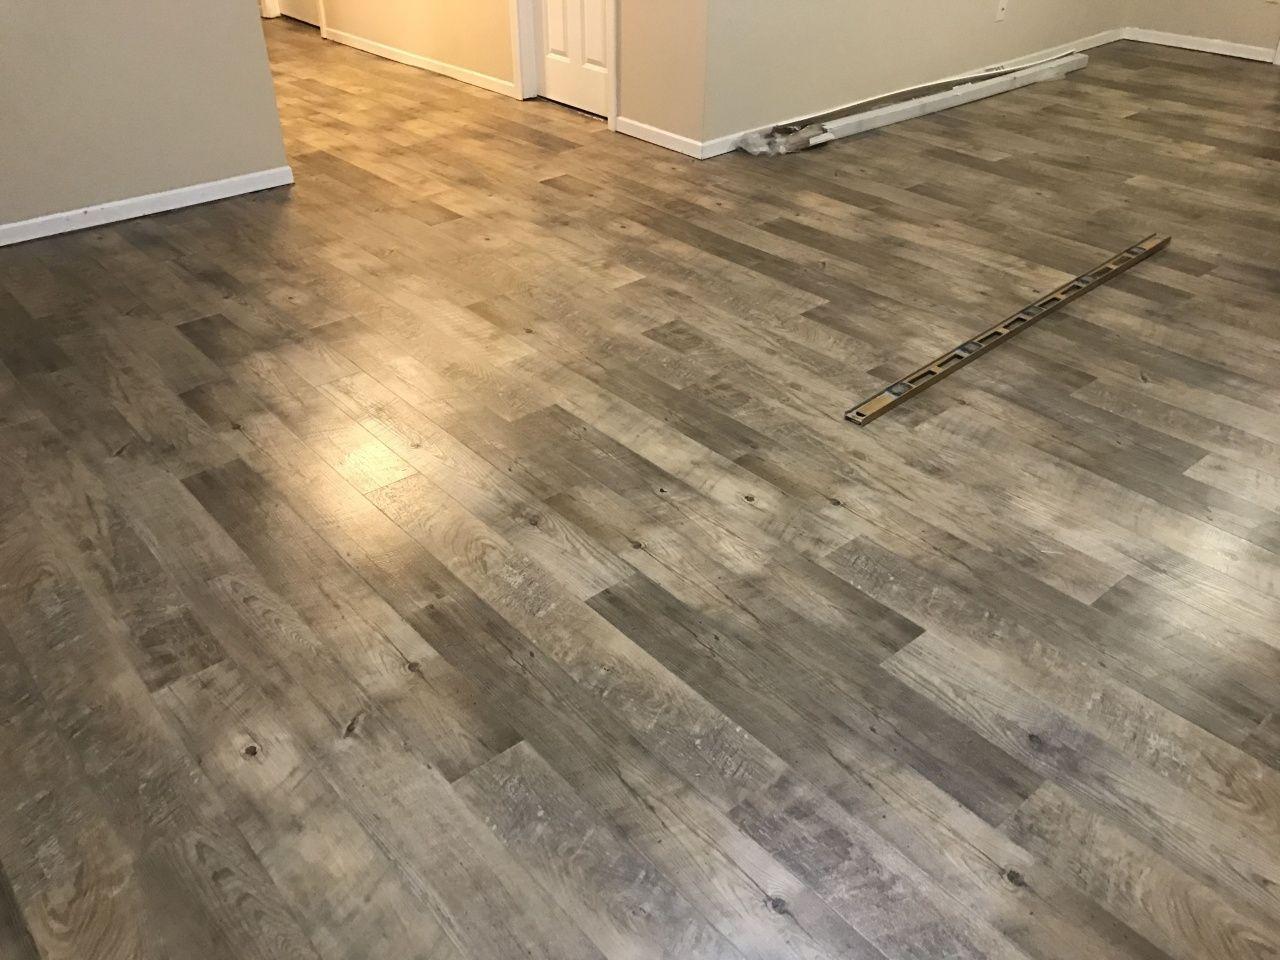 Cheap Vinyl Floor Tiles Self Adhesive In 2020 Installing Vinyl Plank Flooring Luxury Vinyl Plank Vinyl Plank Flooring